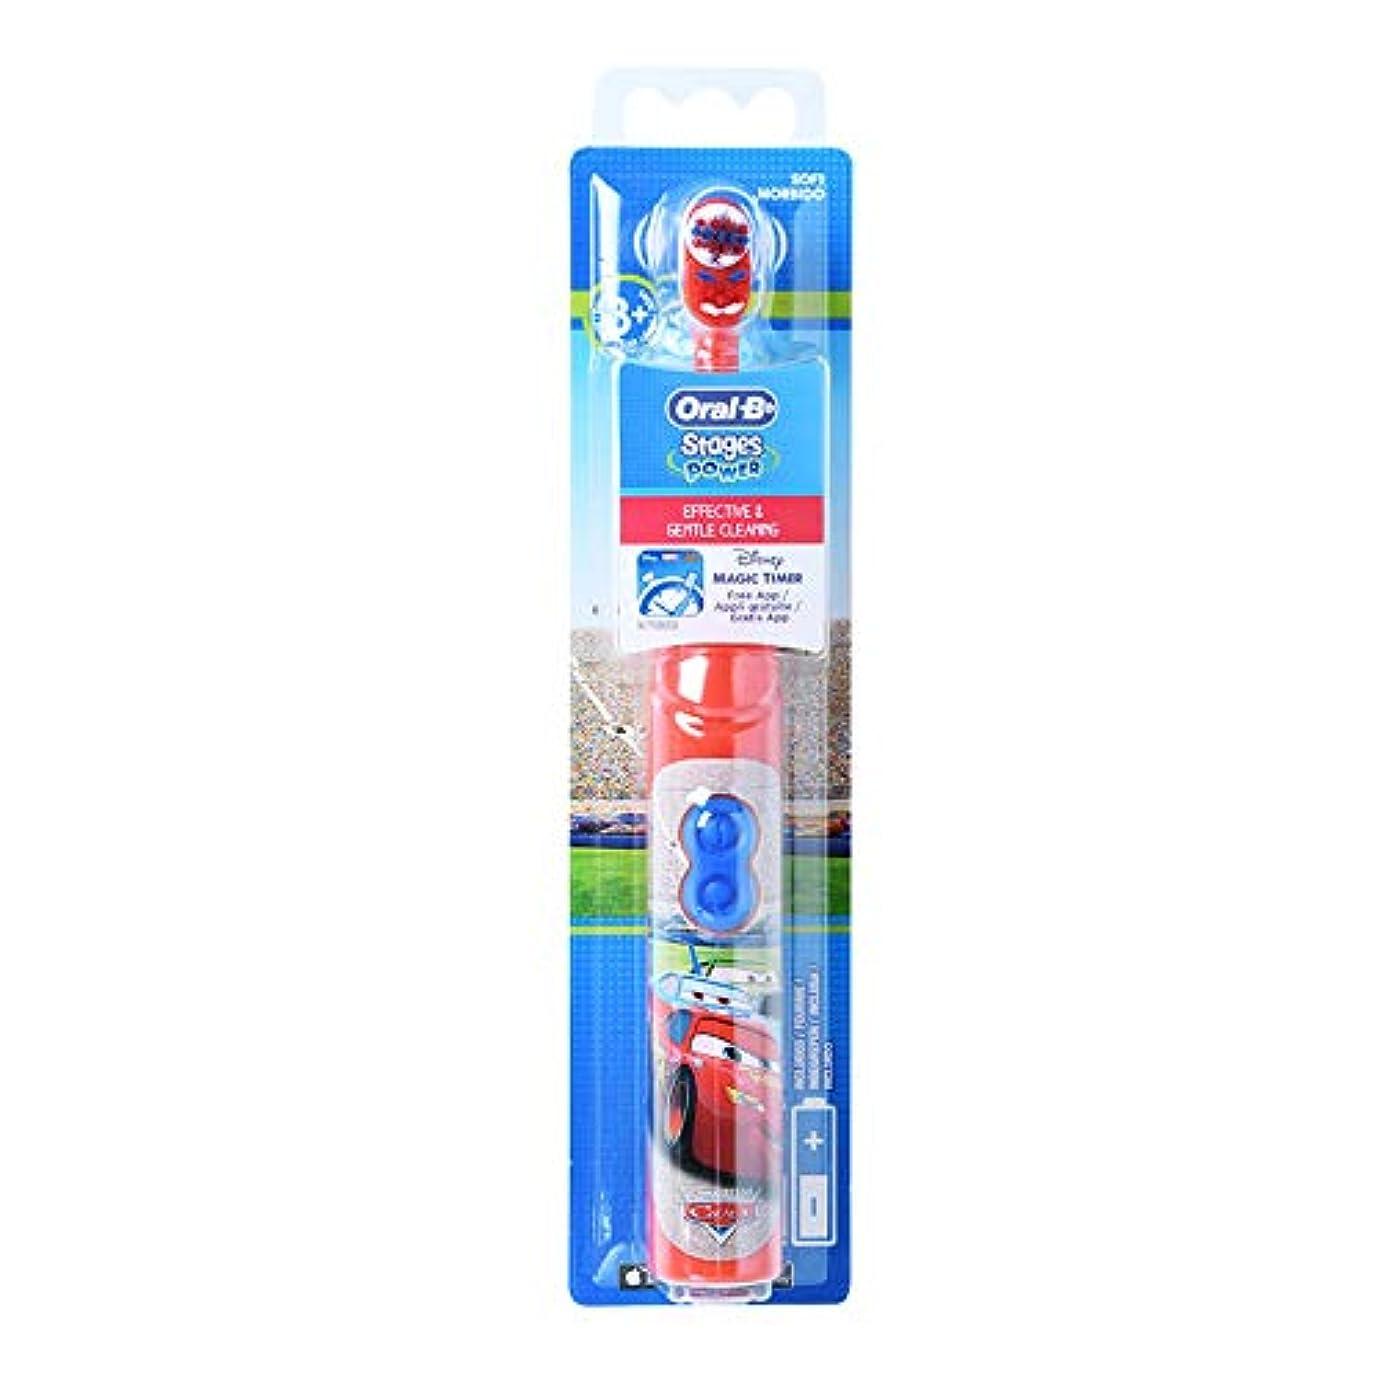 ブラザー半島三角形Oral-B DB3010 Stages Power Disney Car 電動歯ブラシ [並行輸入品]